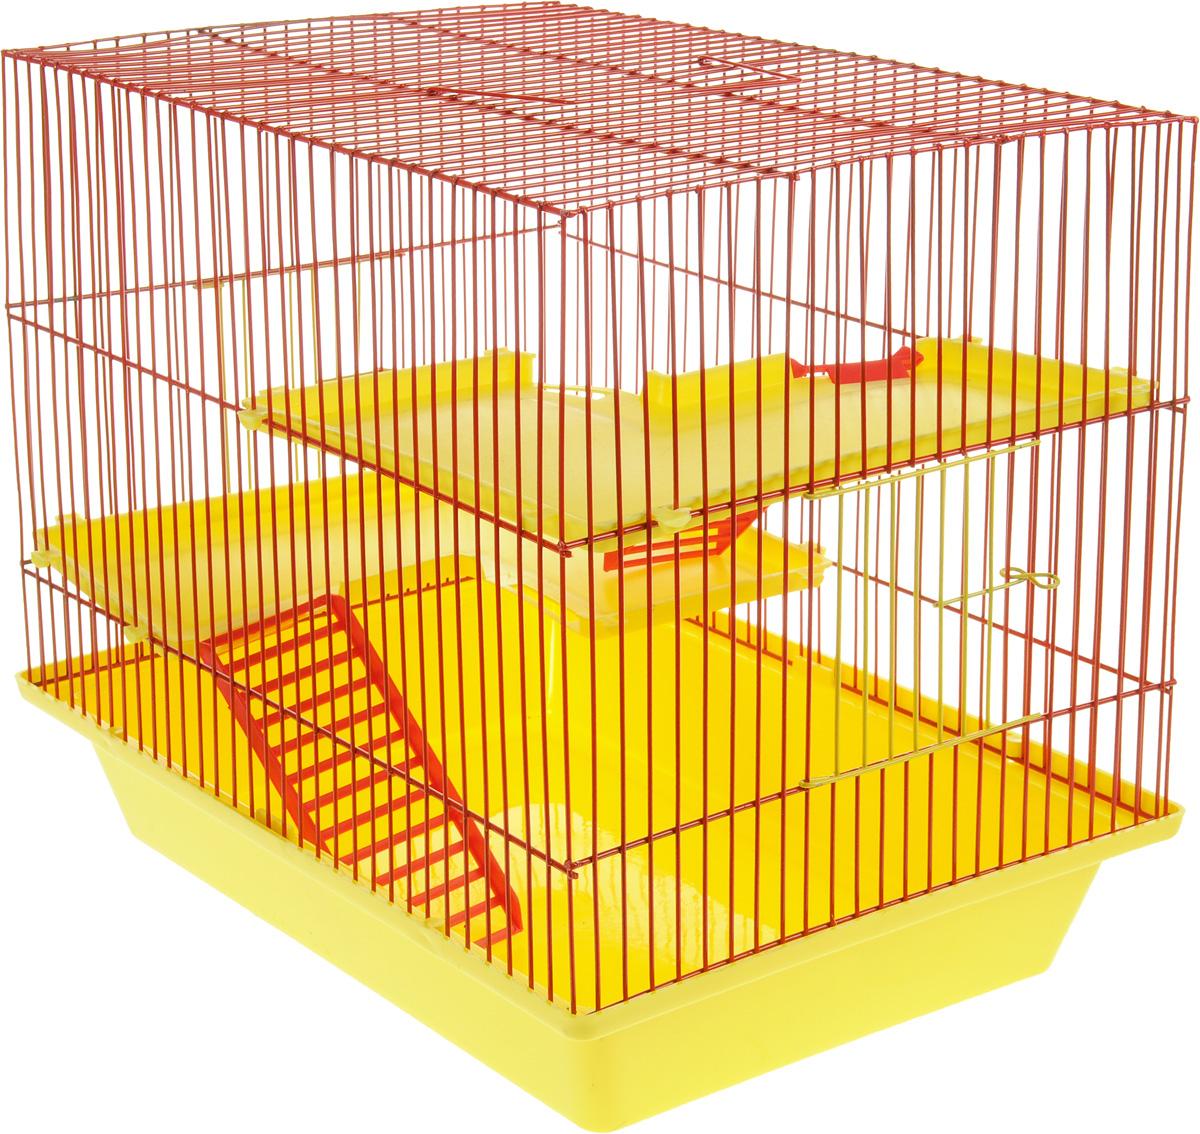 Клетка для грызунов ЗооМарк Гризли, 3-этажная, цвет: желтый поддон, красная решетка, желтые этажи, 41 х 30 х 36 см230ЖККлетка ЗооМарк Гризли, выполненная из полипропилена и металла, подходит для мелких грызунов. Изделие трехэтажное. Клетка имеет яркий поддон, удобна в использовании и легко чистится. Сверху имеется ручка для переноски. Такая клетка станет уединенным личным пространством и уютным домиком для маленького грызуна.